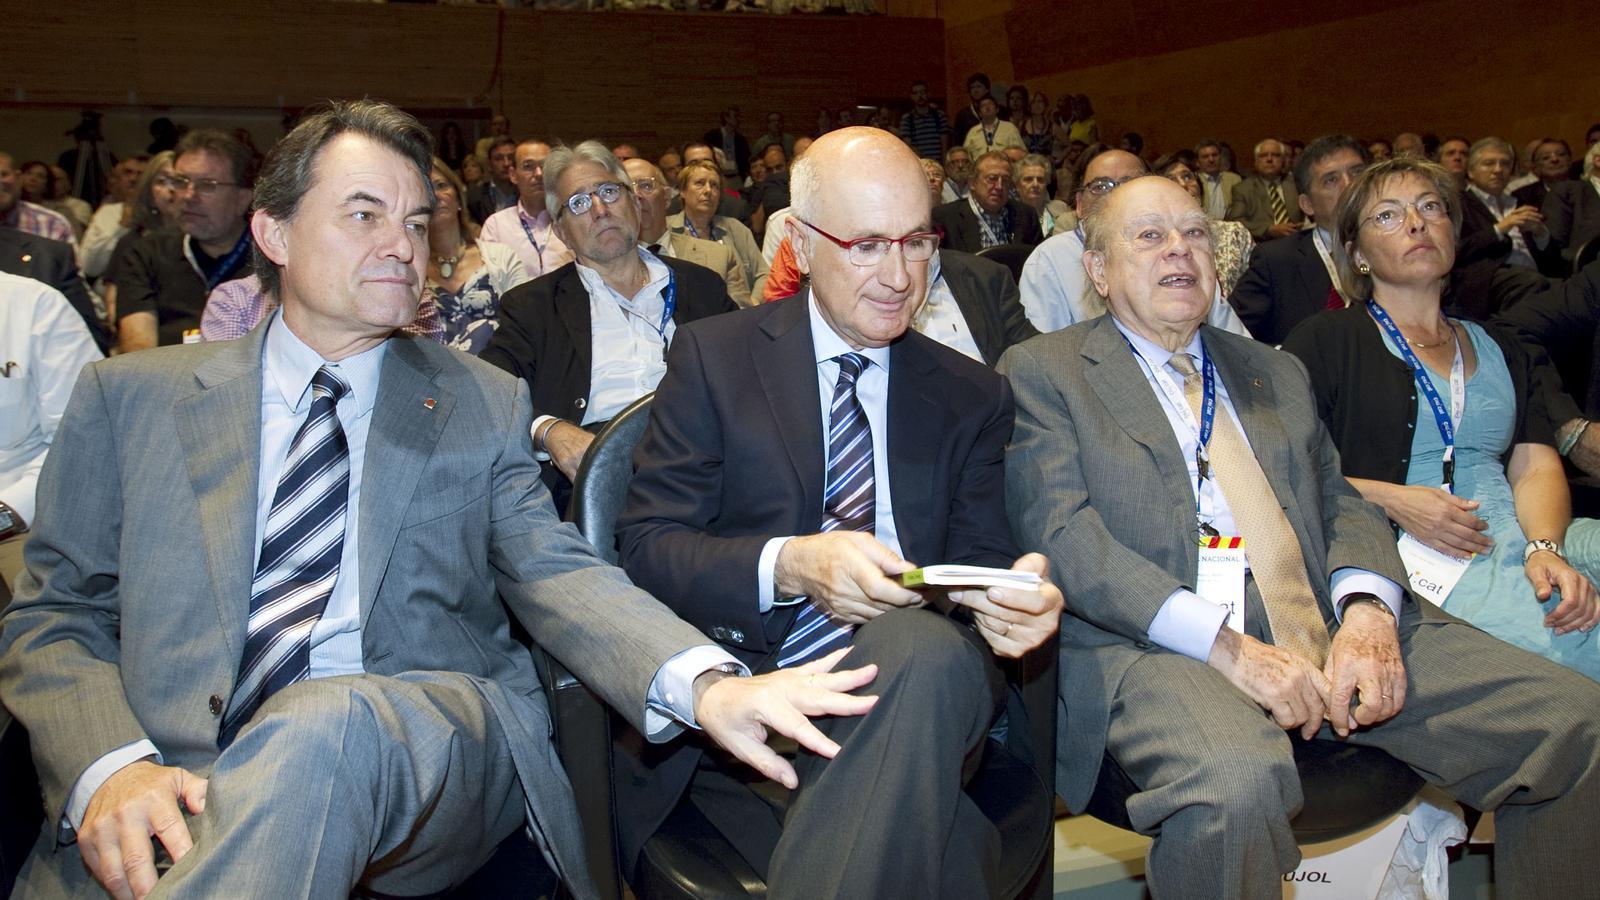 El consell nacional de CDC i UDC va proclamar ahir a l'auditori AXA de Barcelona Josep Antoni Duran i Lleida per tercera vegada candidat a les eleccions generals.